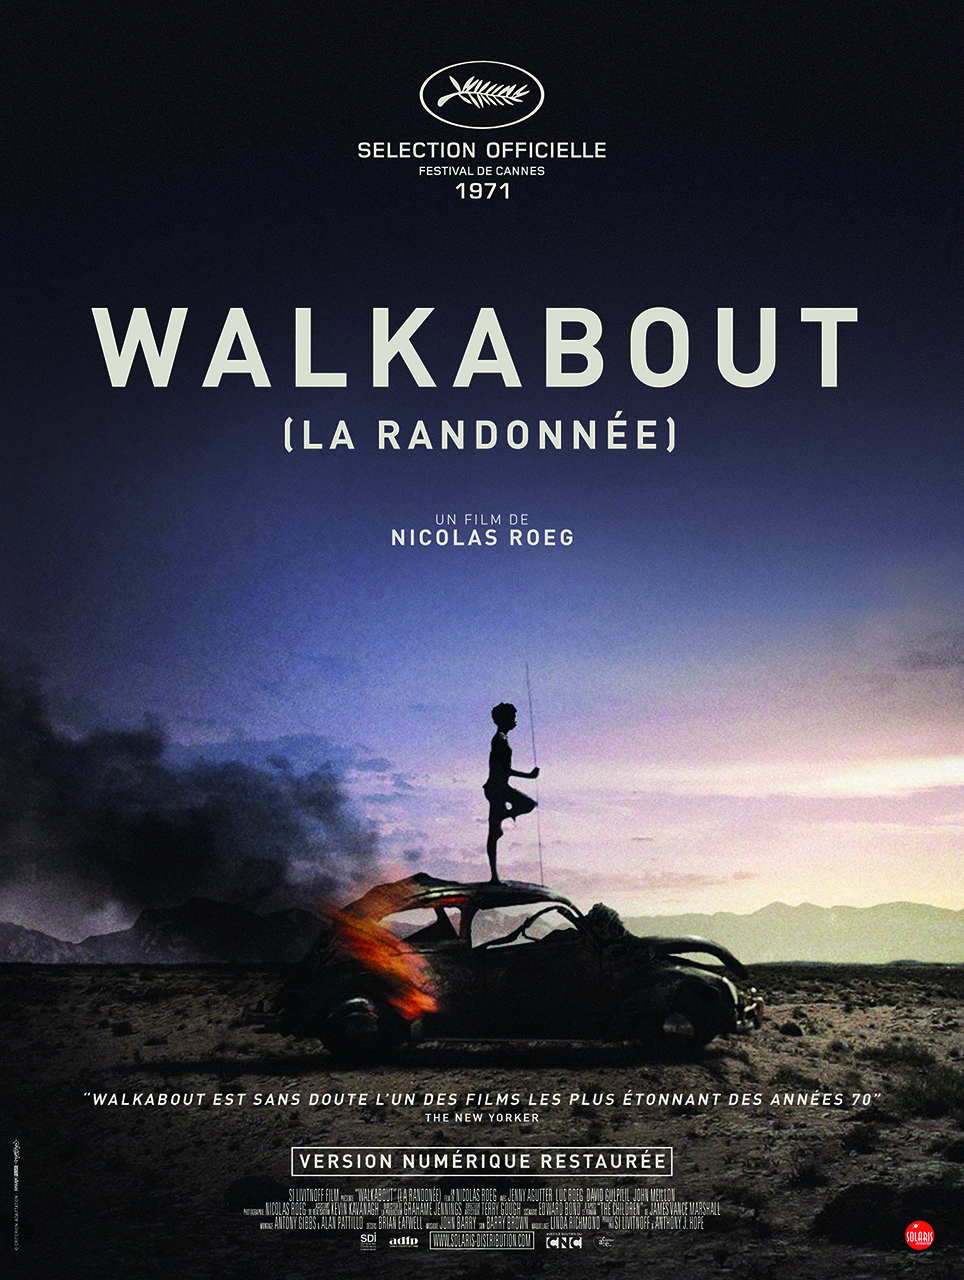 WALKABOUT (La Randonnée) - Affiche